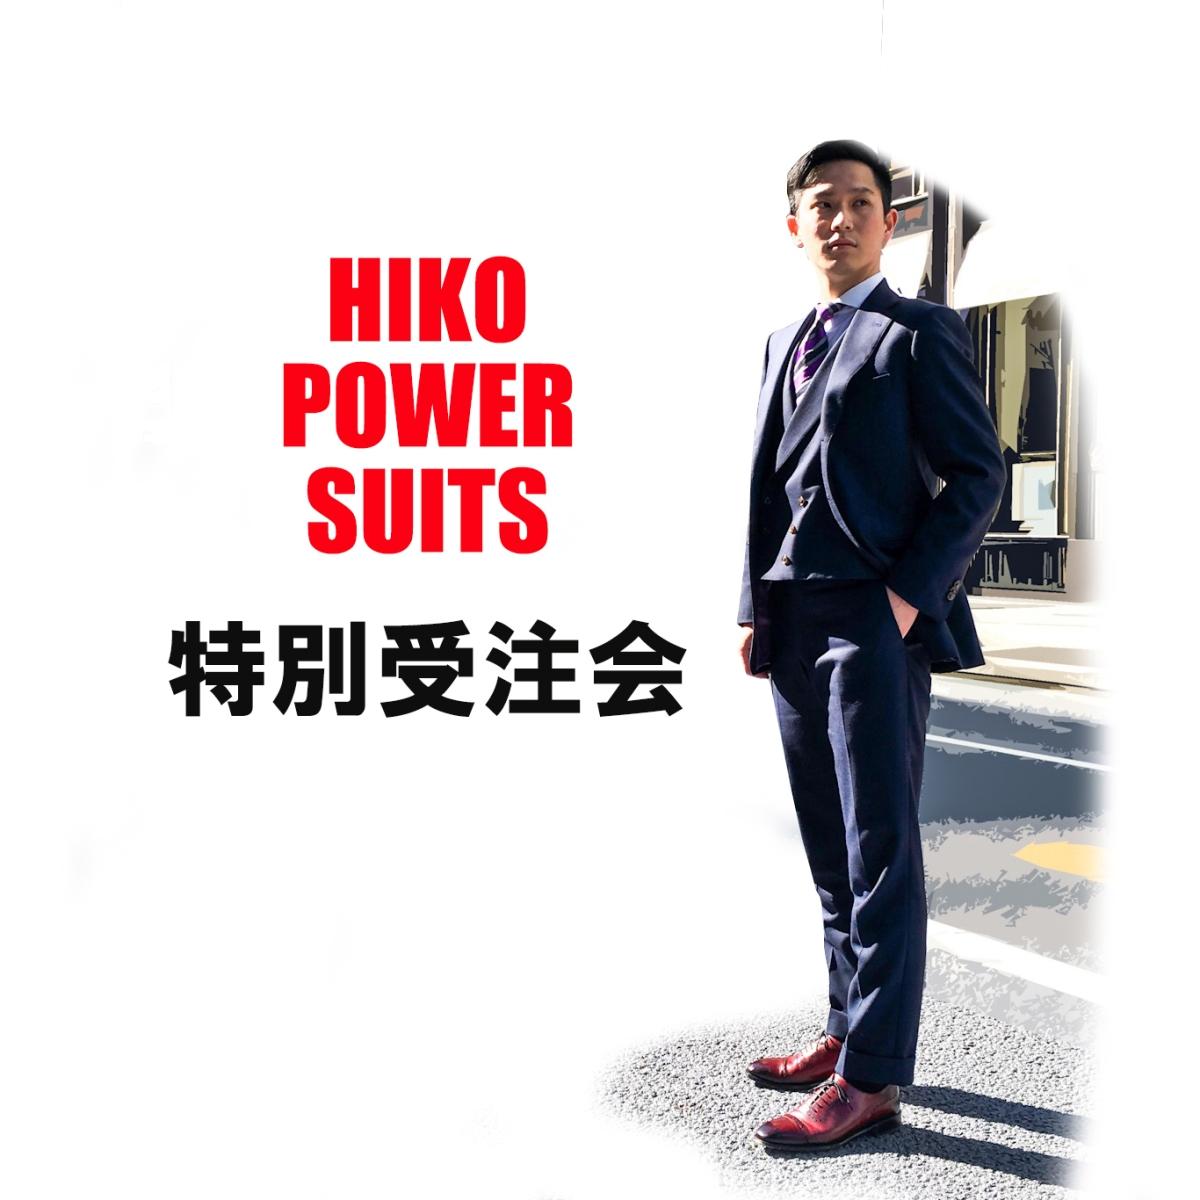 あなたを虜にする、HIKO POWER SUITSの特別受注会を開催します